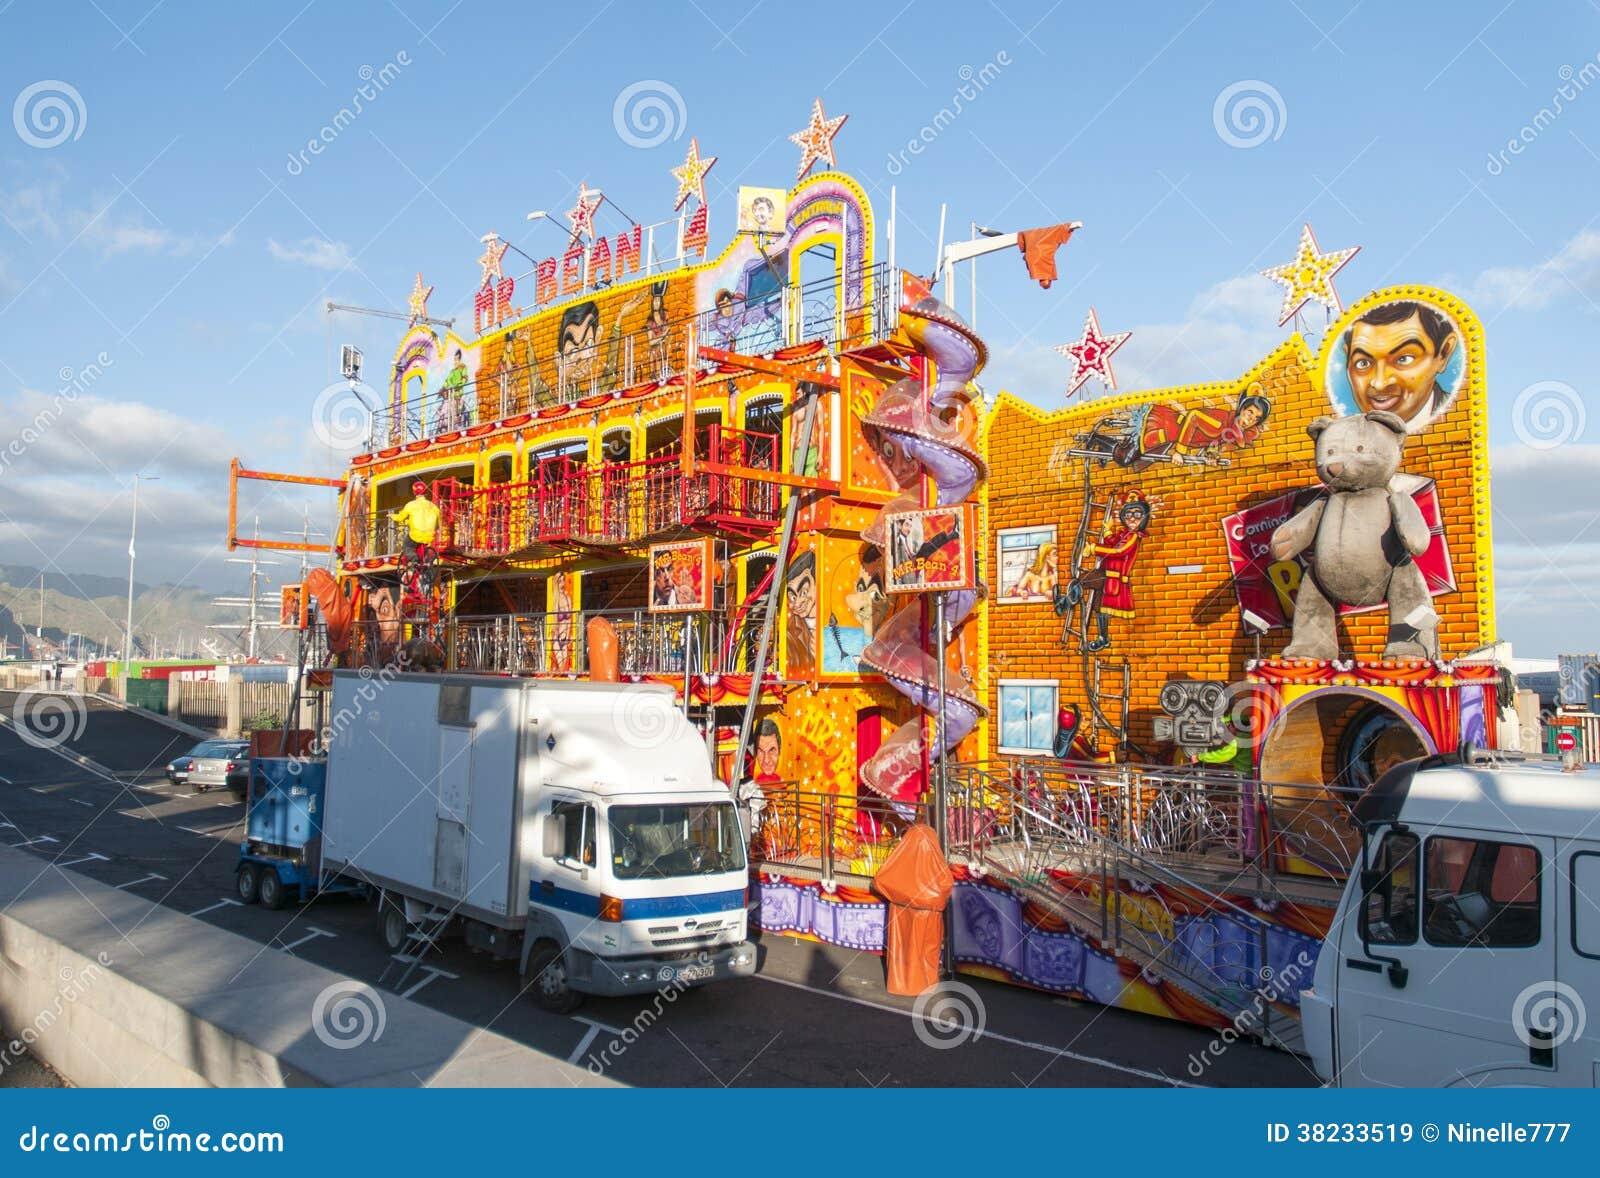 Carnaval 2014 en santa cruz de tenerife imagen de archivo - Parques infantiles en santa cruz de tenerife ...